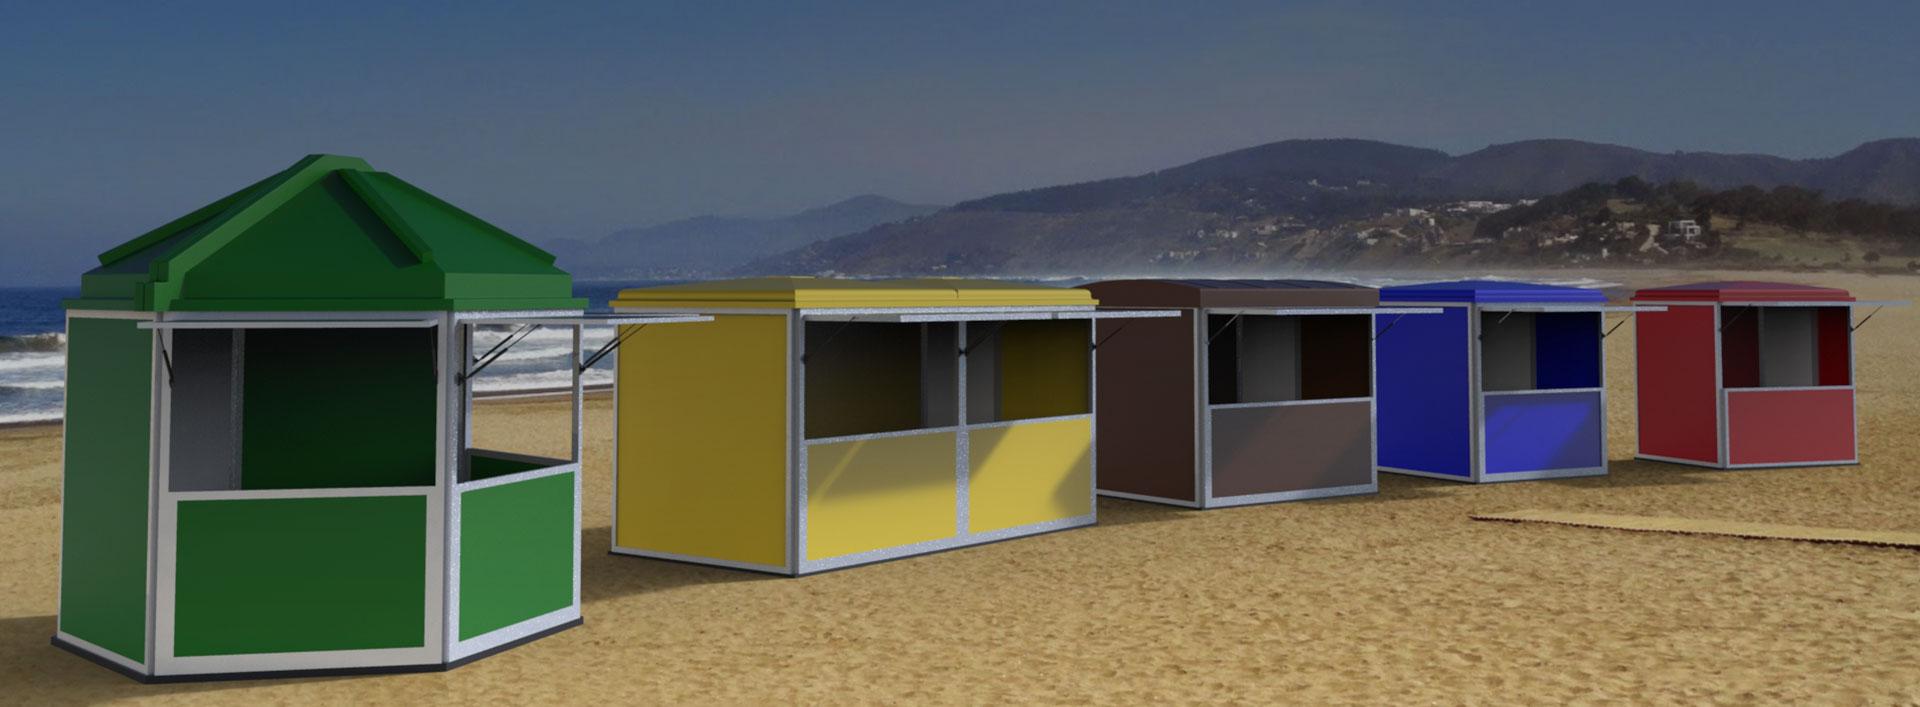 Kioscos para tu negocio en Verano